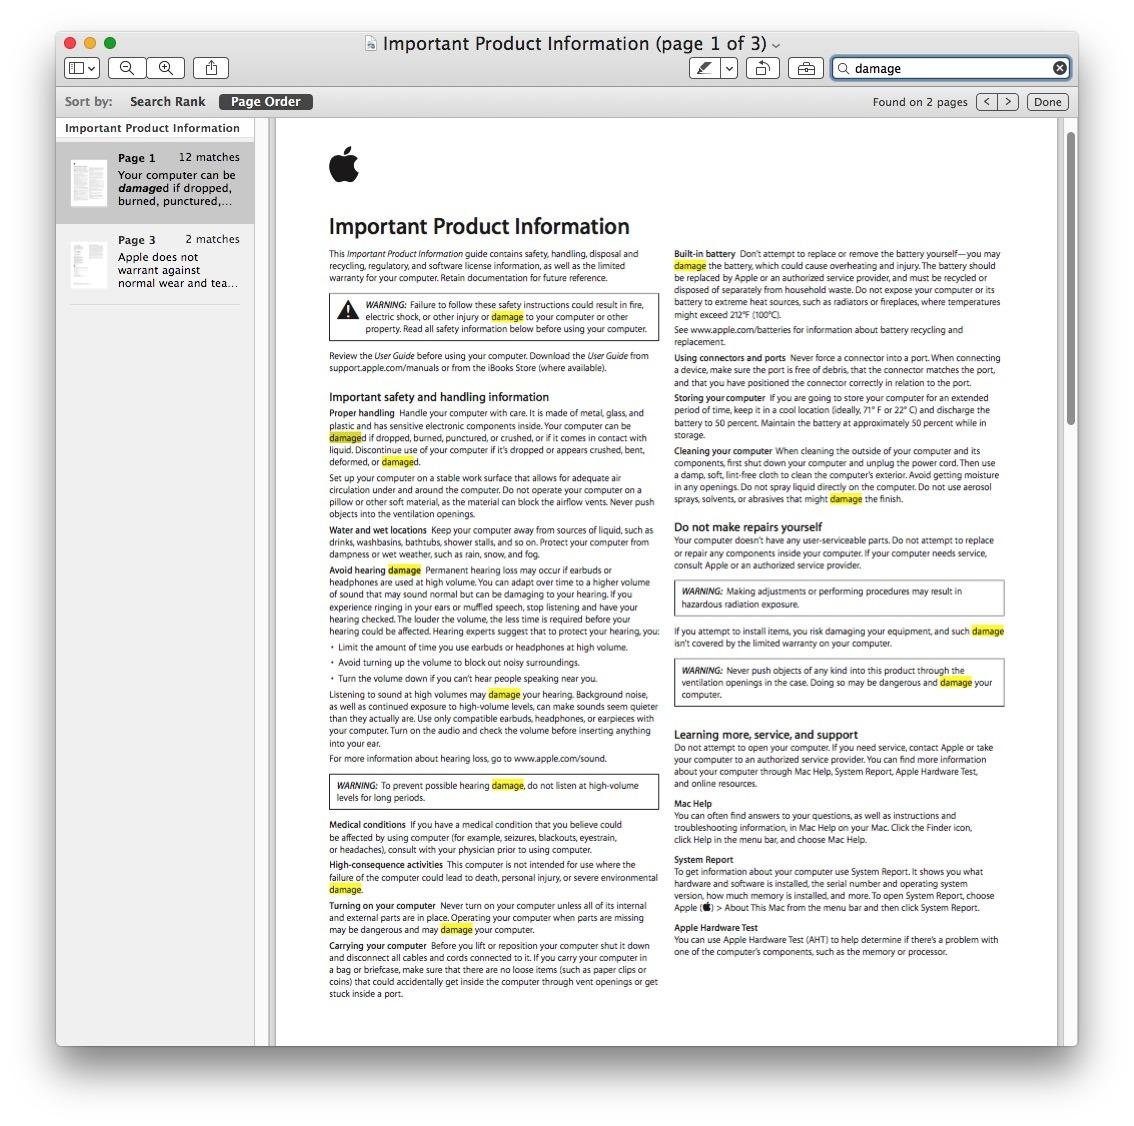 Cerca l'anteprima per le corrispondenze di testo PDF